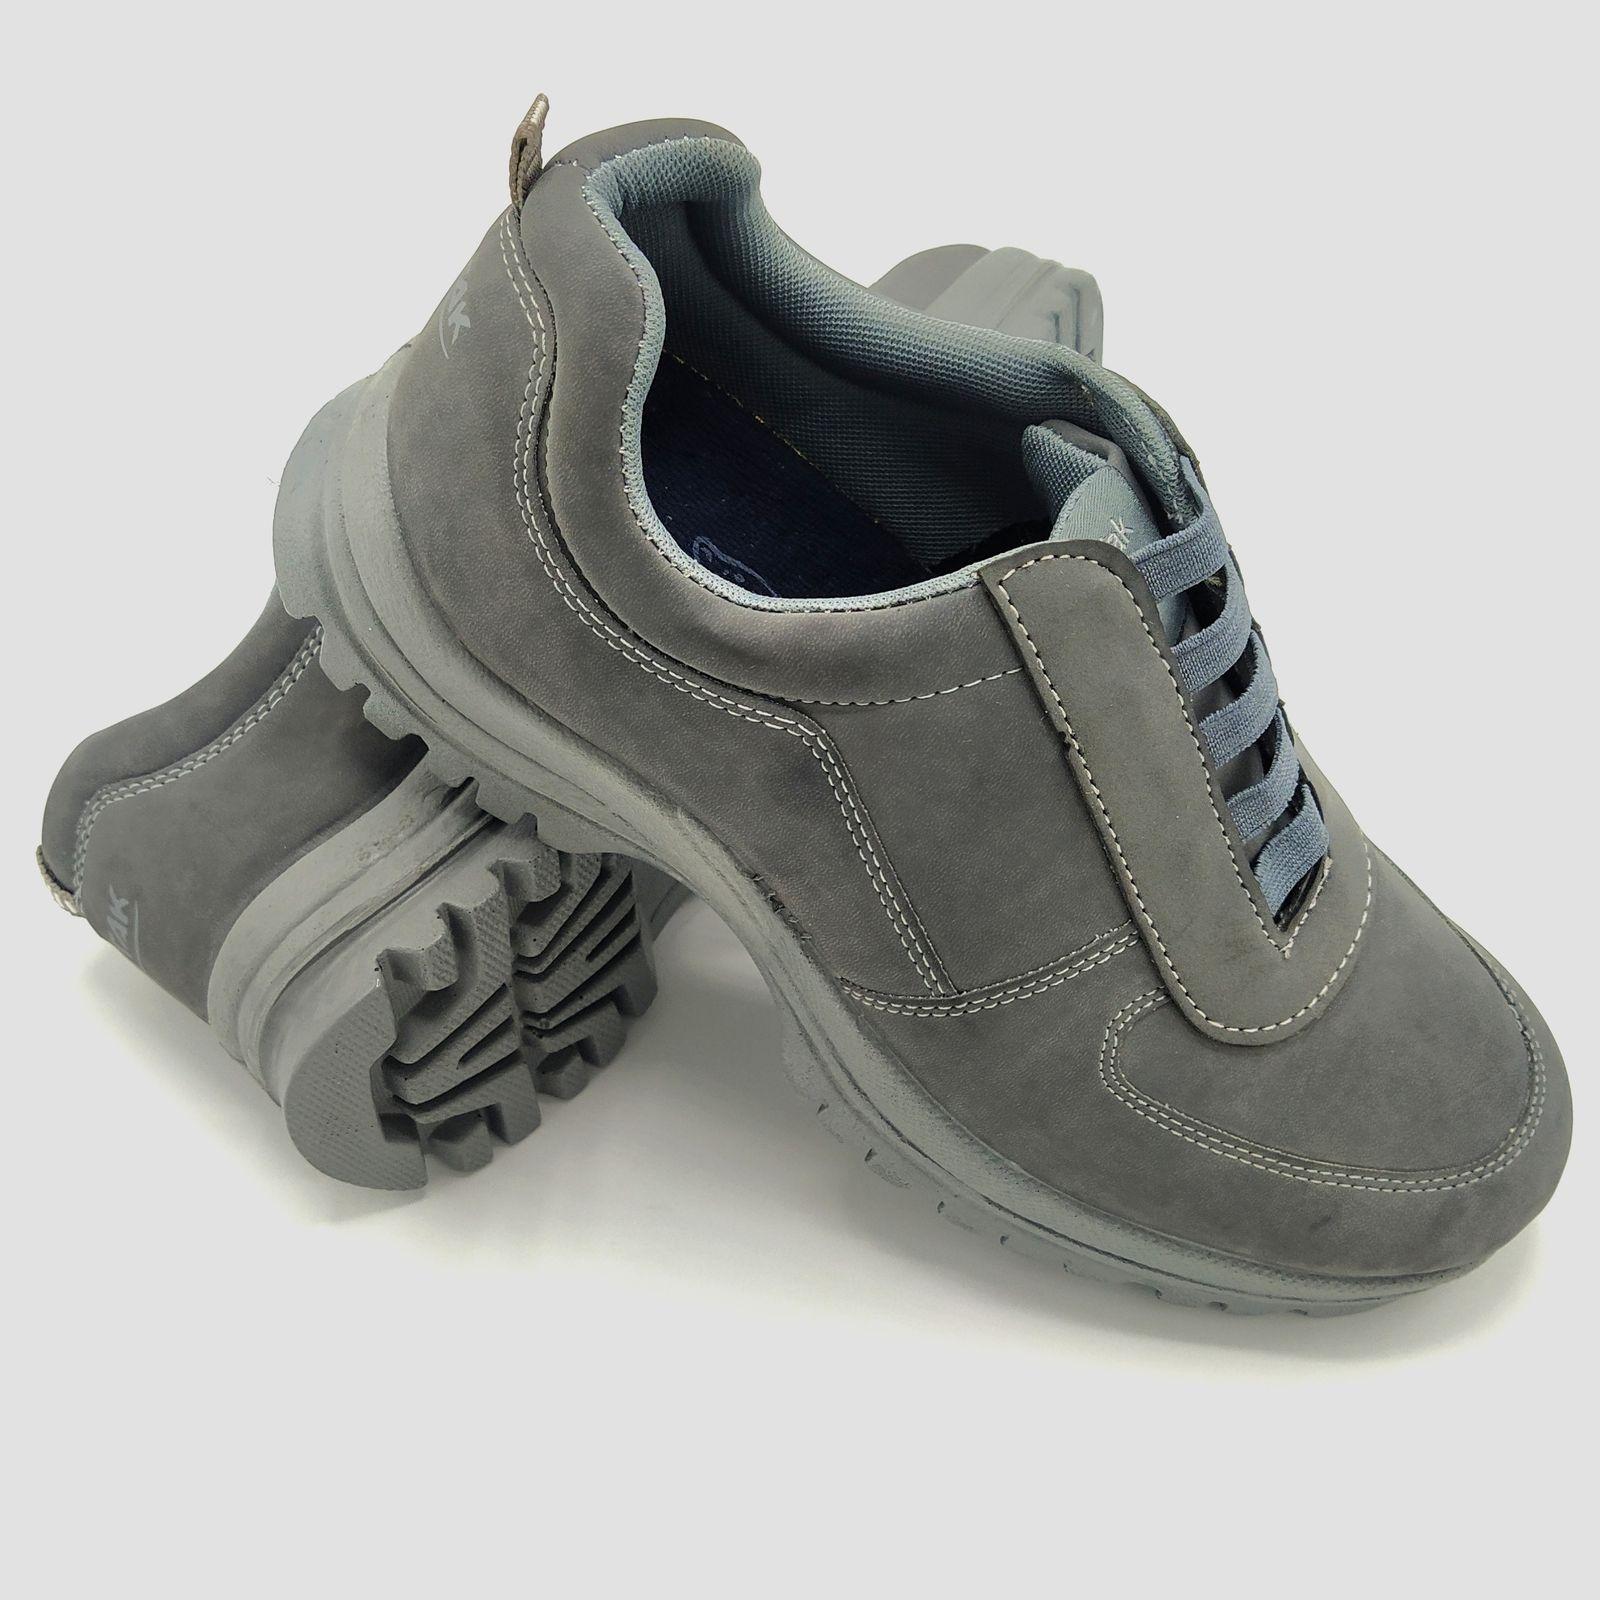 کفش پیاده روی مردانه تن تاک مدل 1421 -  - 4